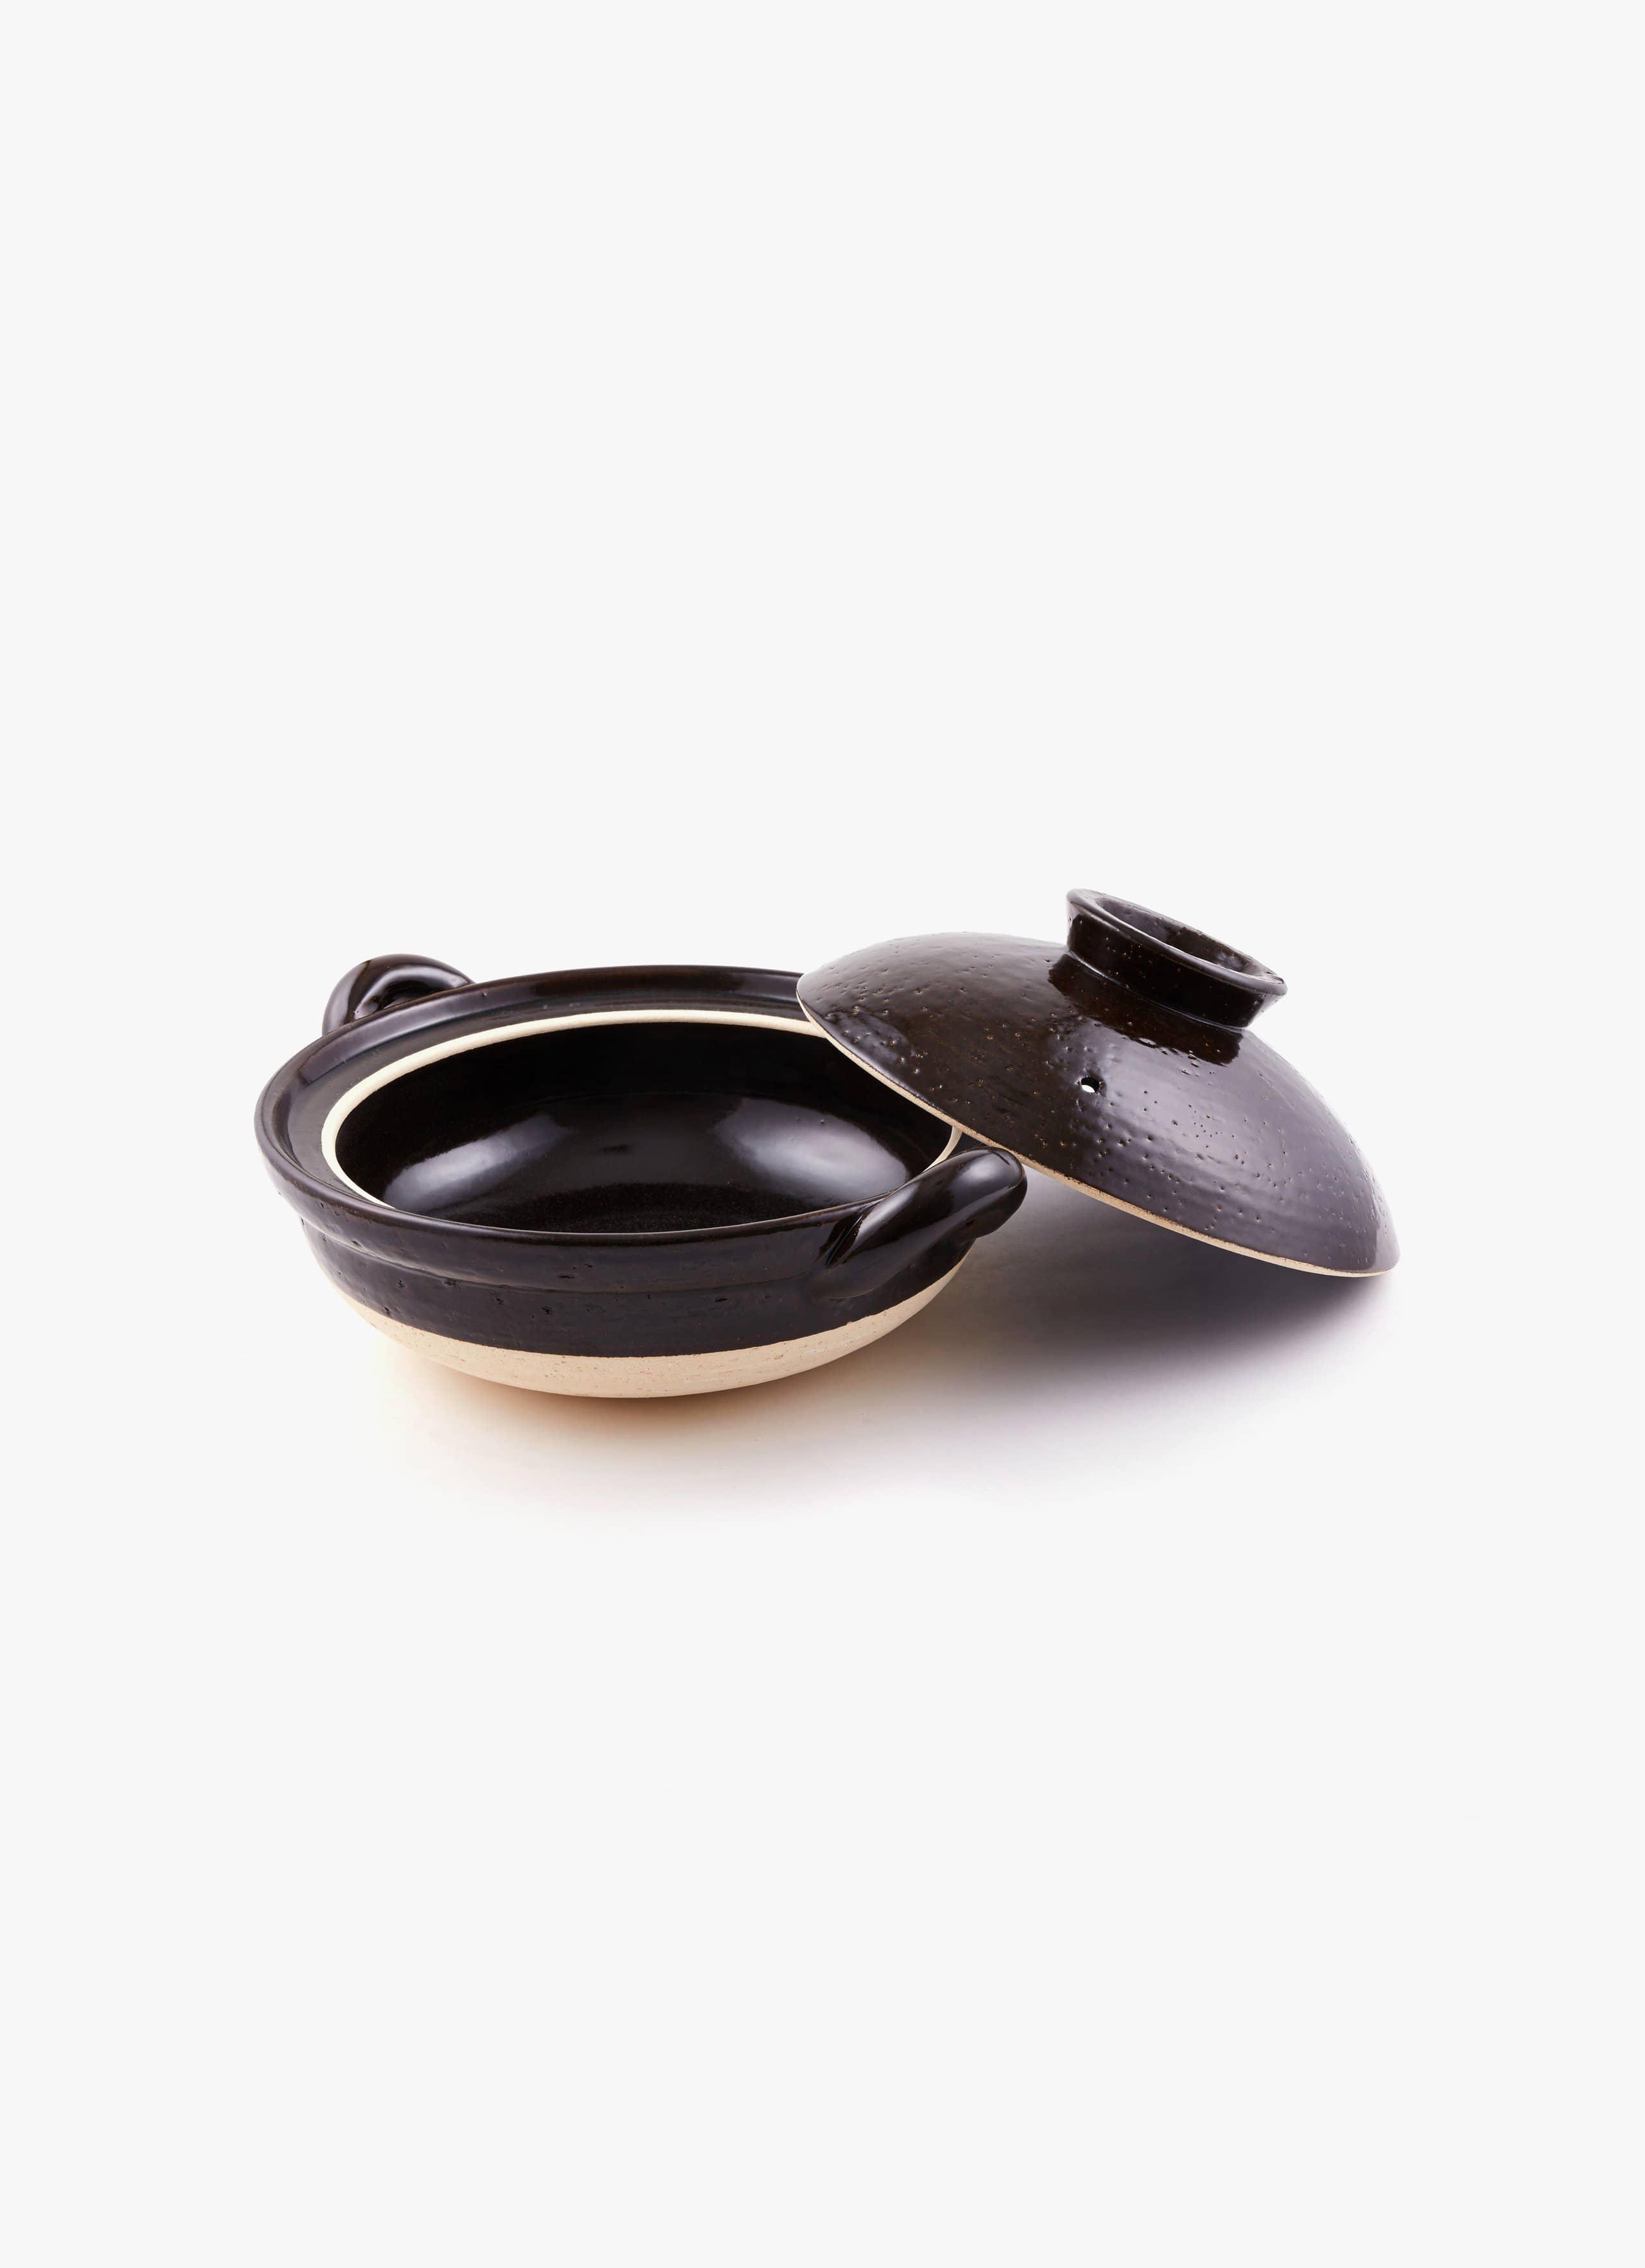 Donabe Pot - Classic style - black - large